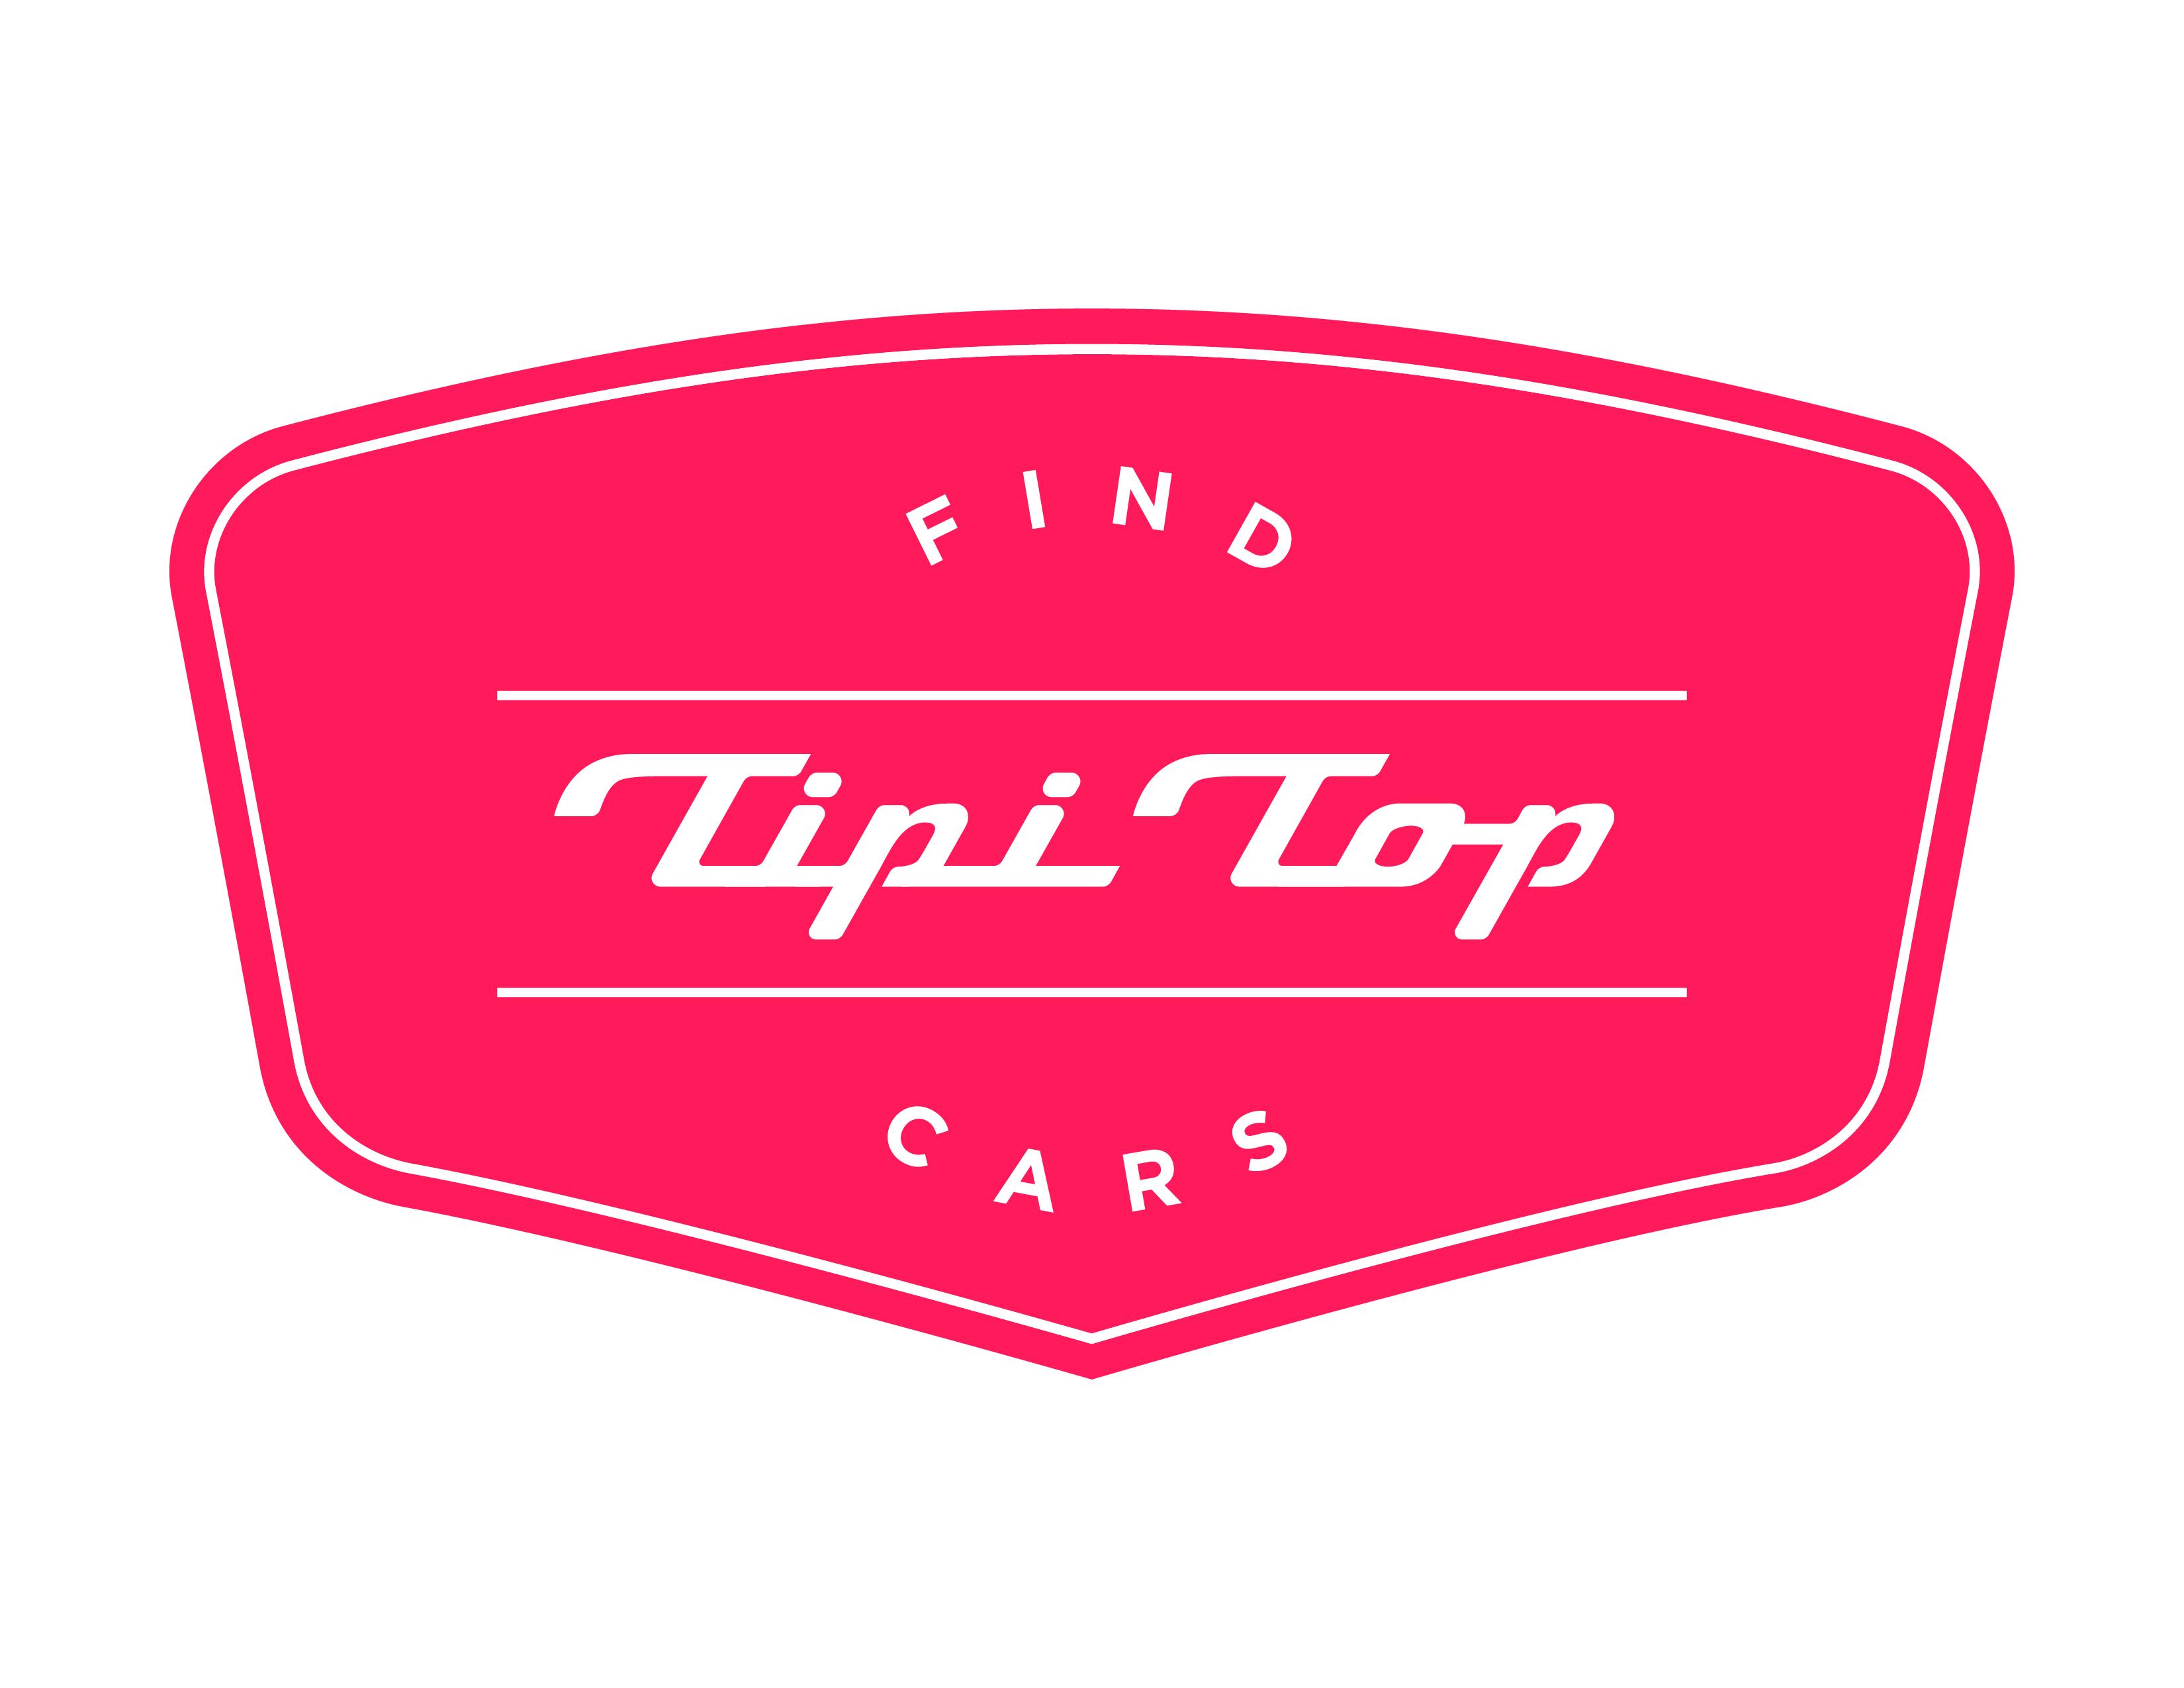 Ver más vehículos de Tipitop